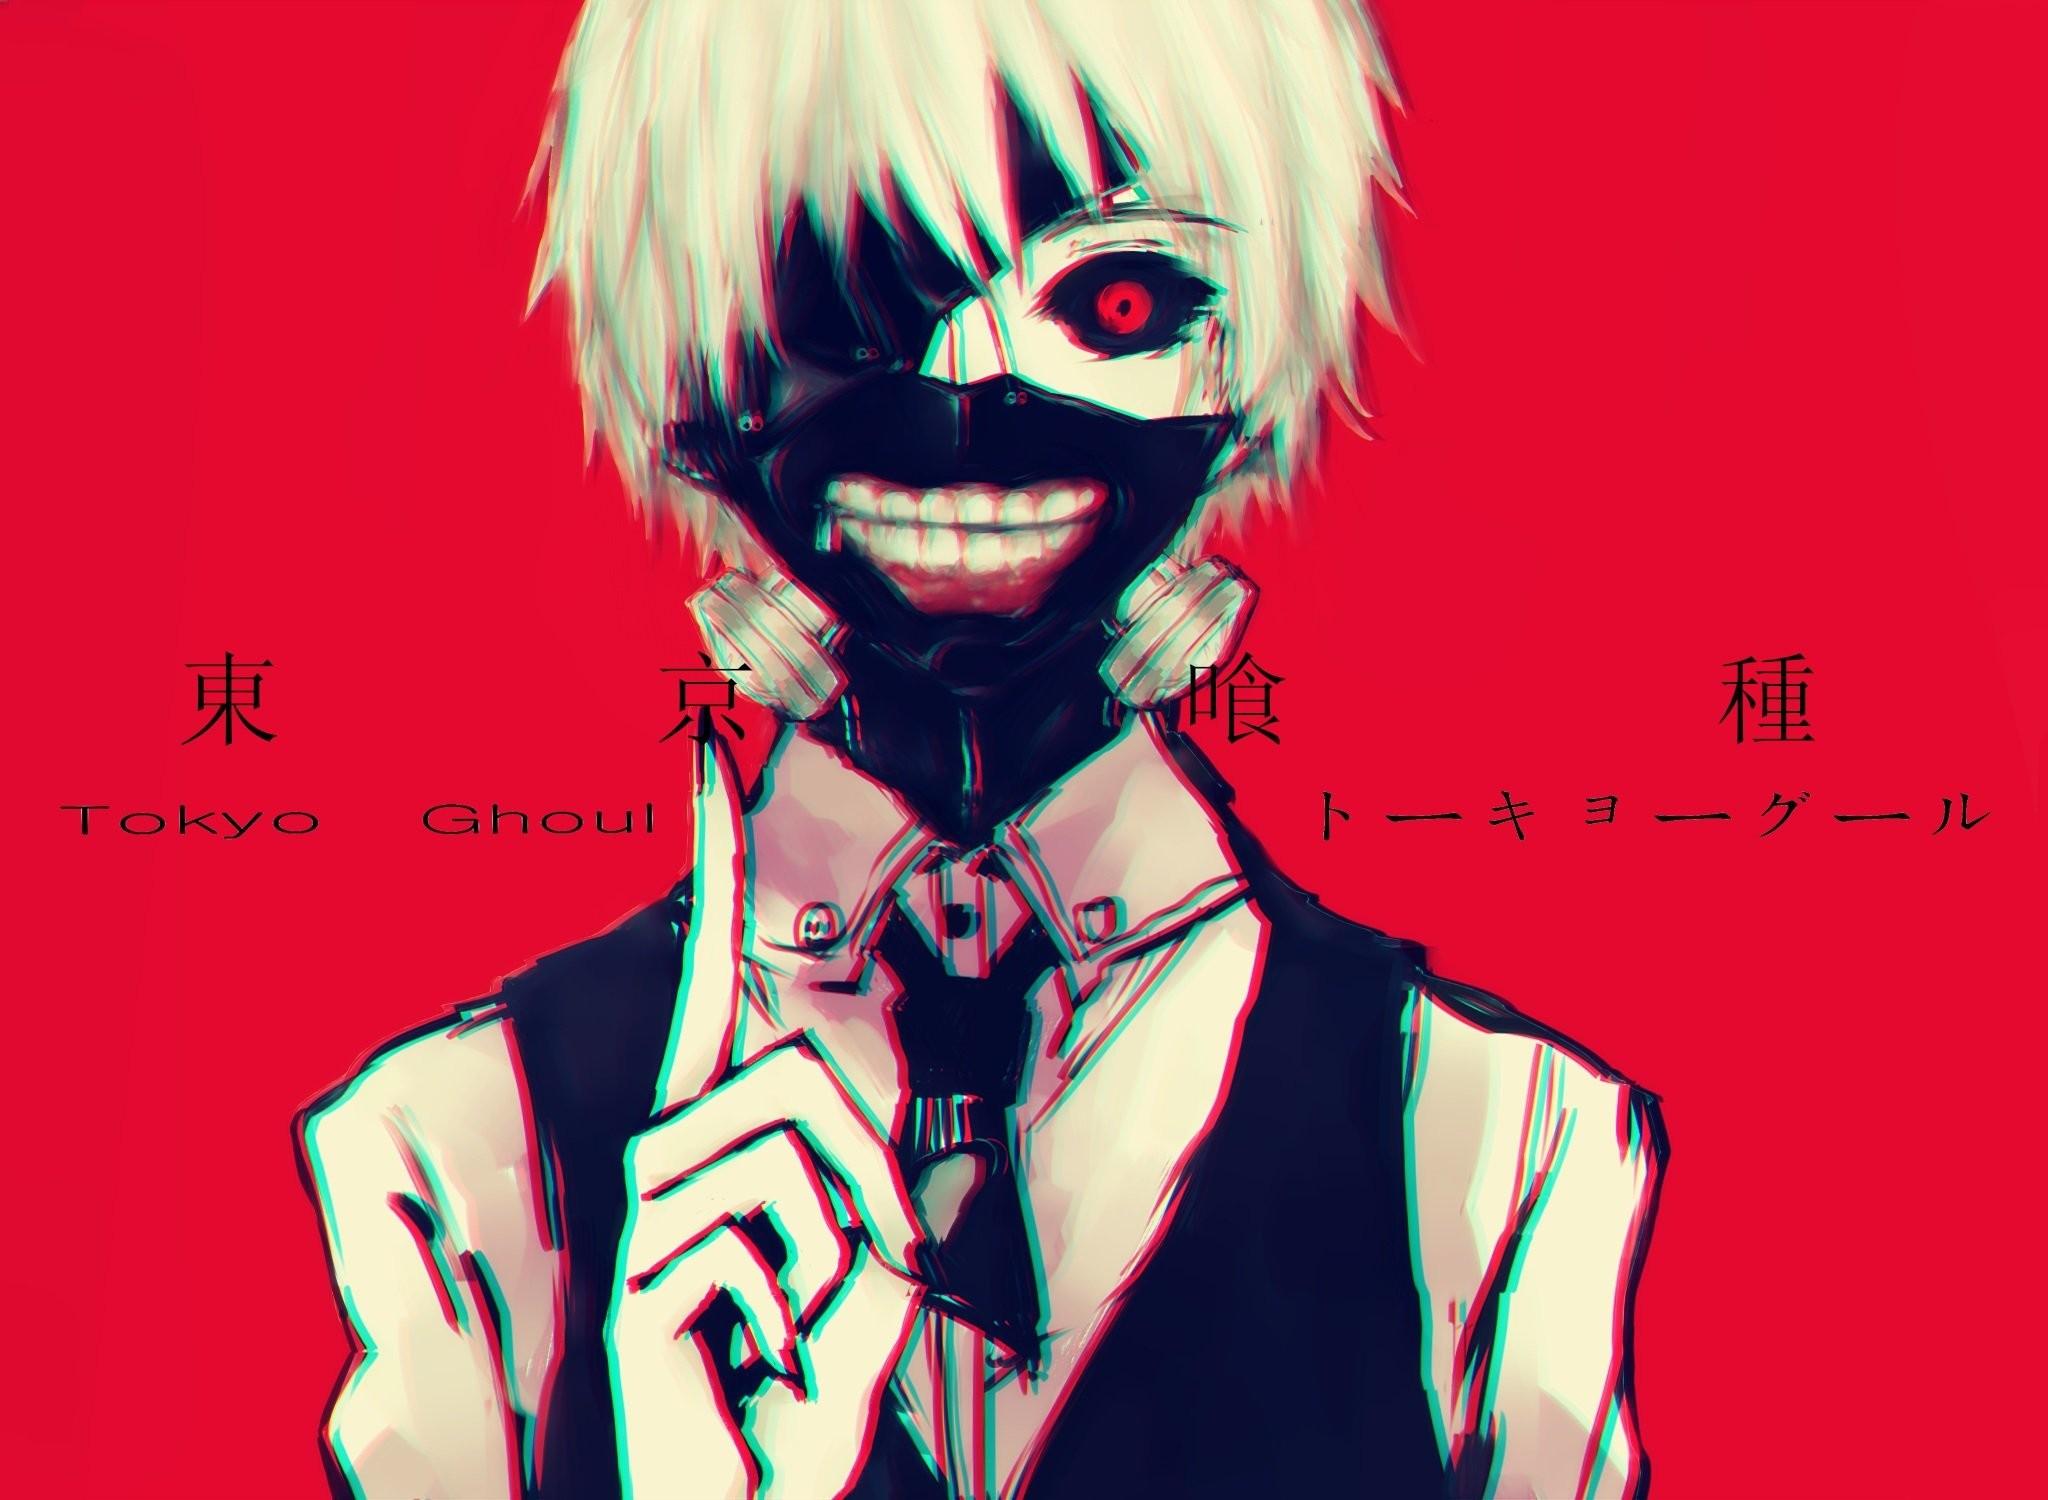 Tokyo Ghoul Ken Kaneki Mask 18 Hd Wallpaper